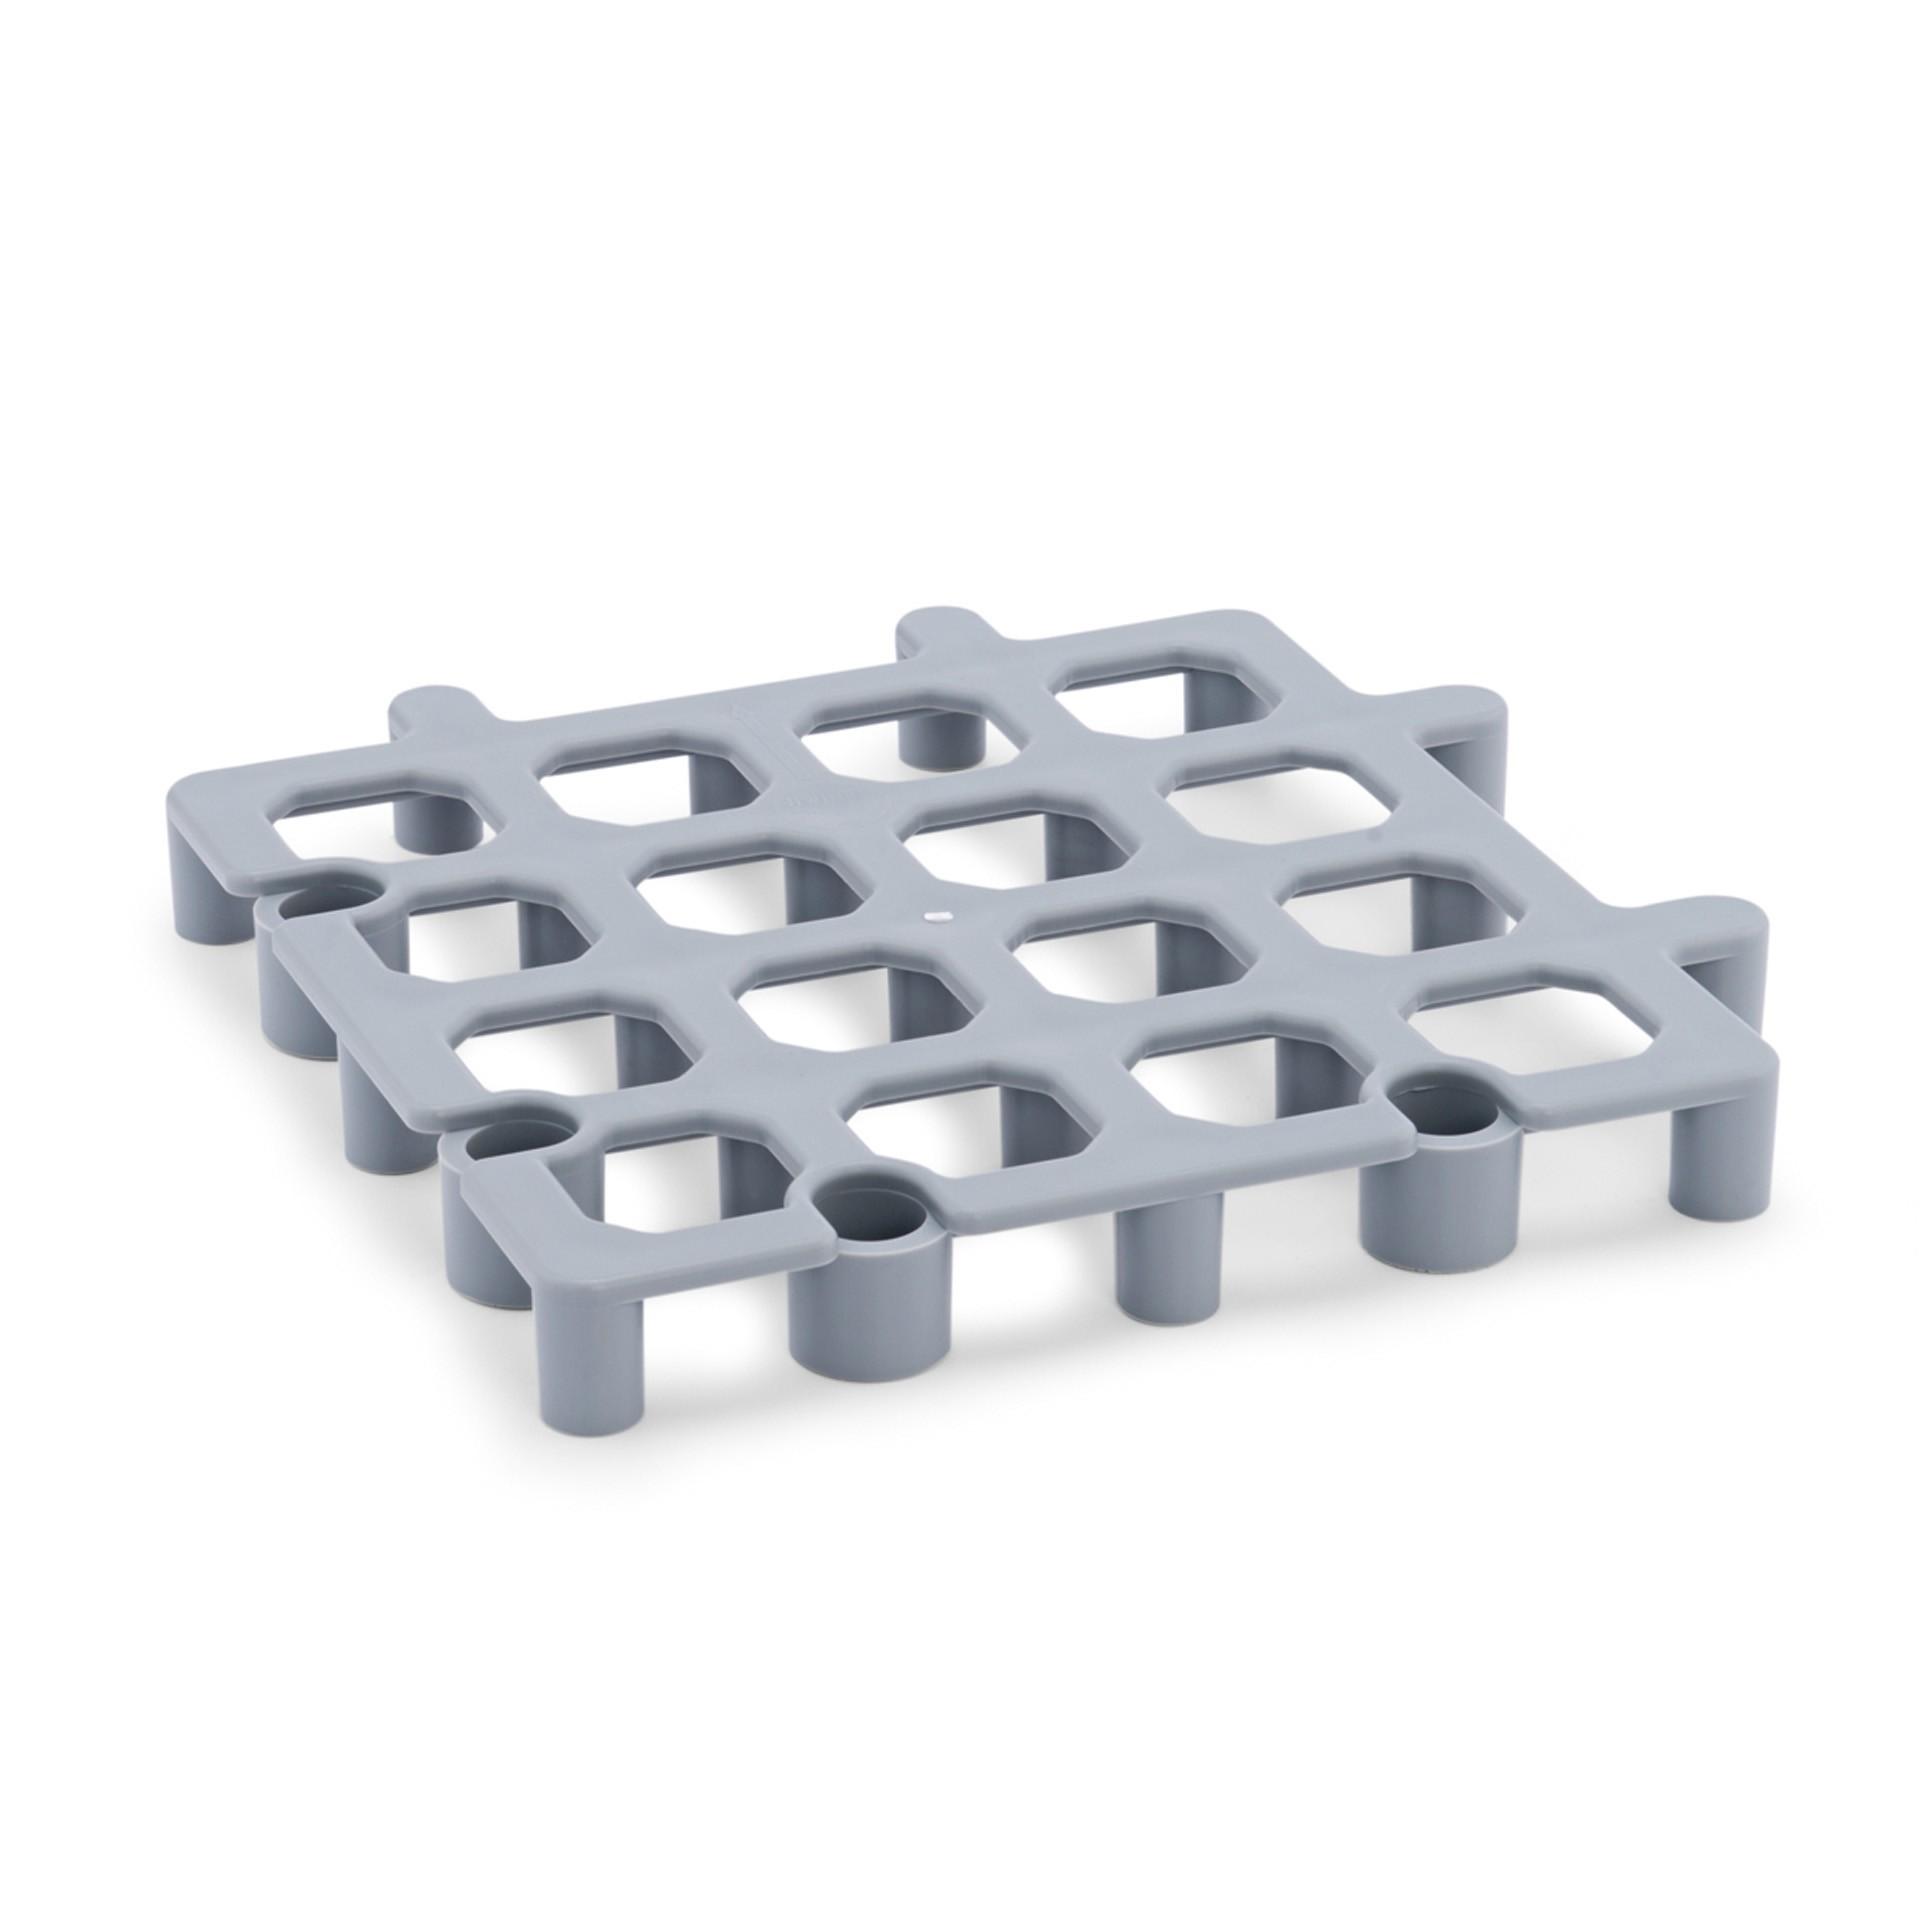 floor rack system gute luftzirkulation g nstig kaufen. Black Bedroom Furniture Sets. Home Design Ideas